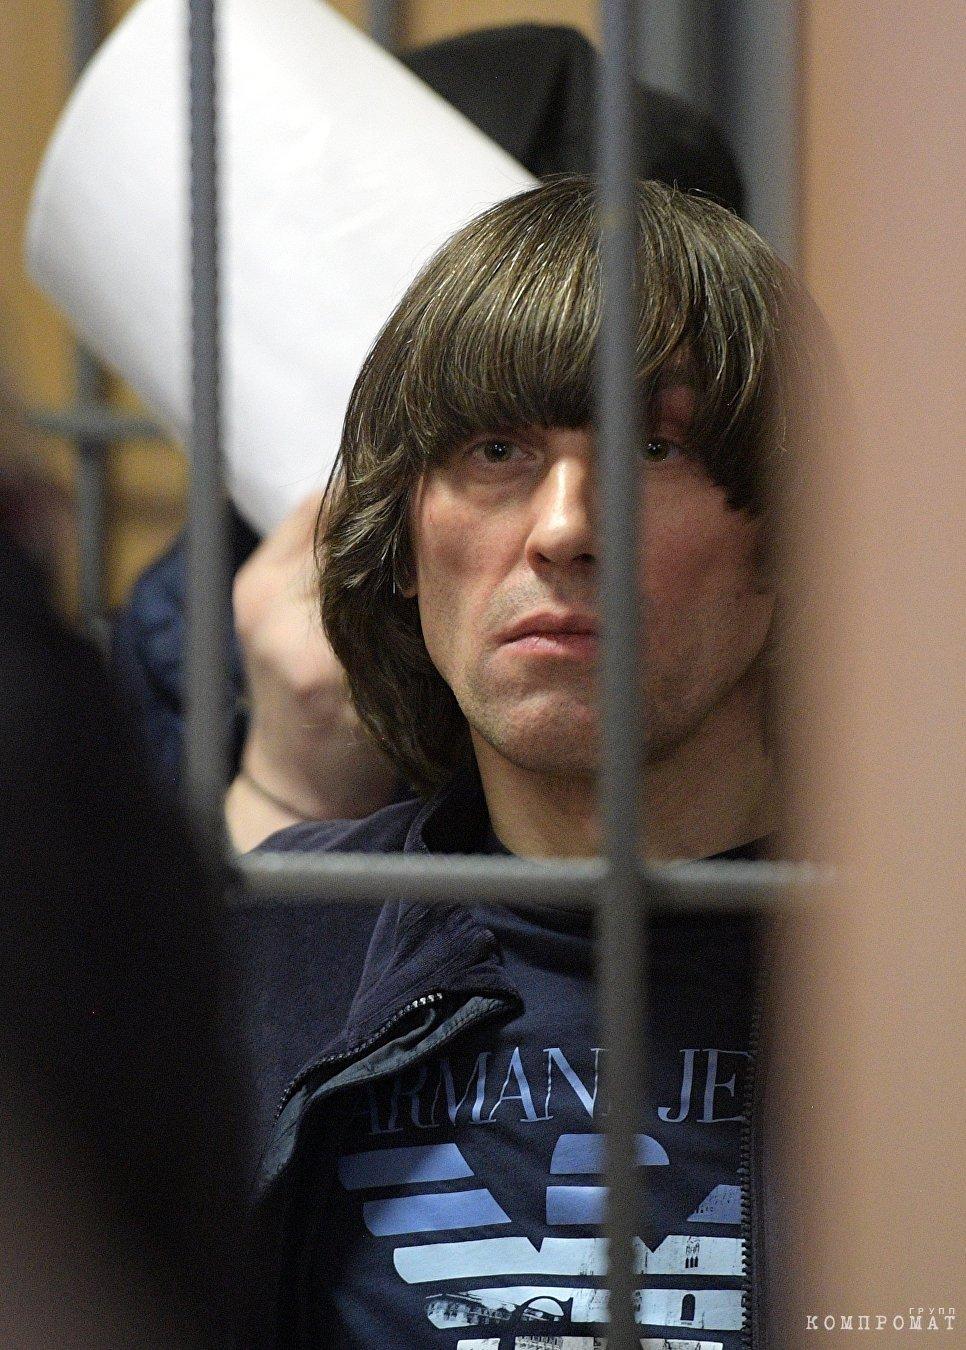 Андрей Кочуйков (Итальянец)